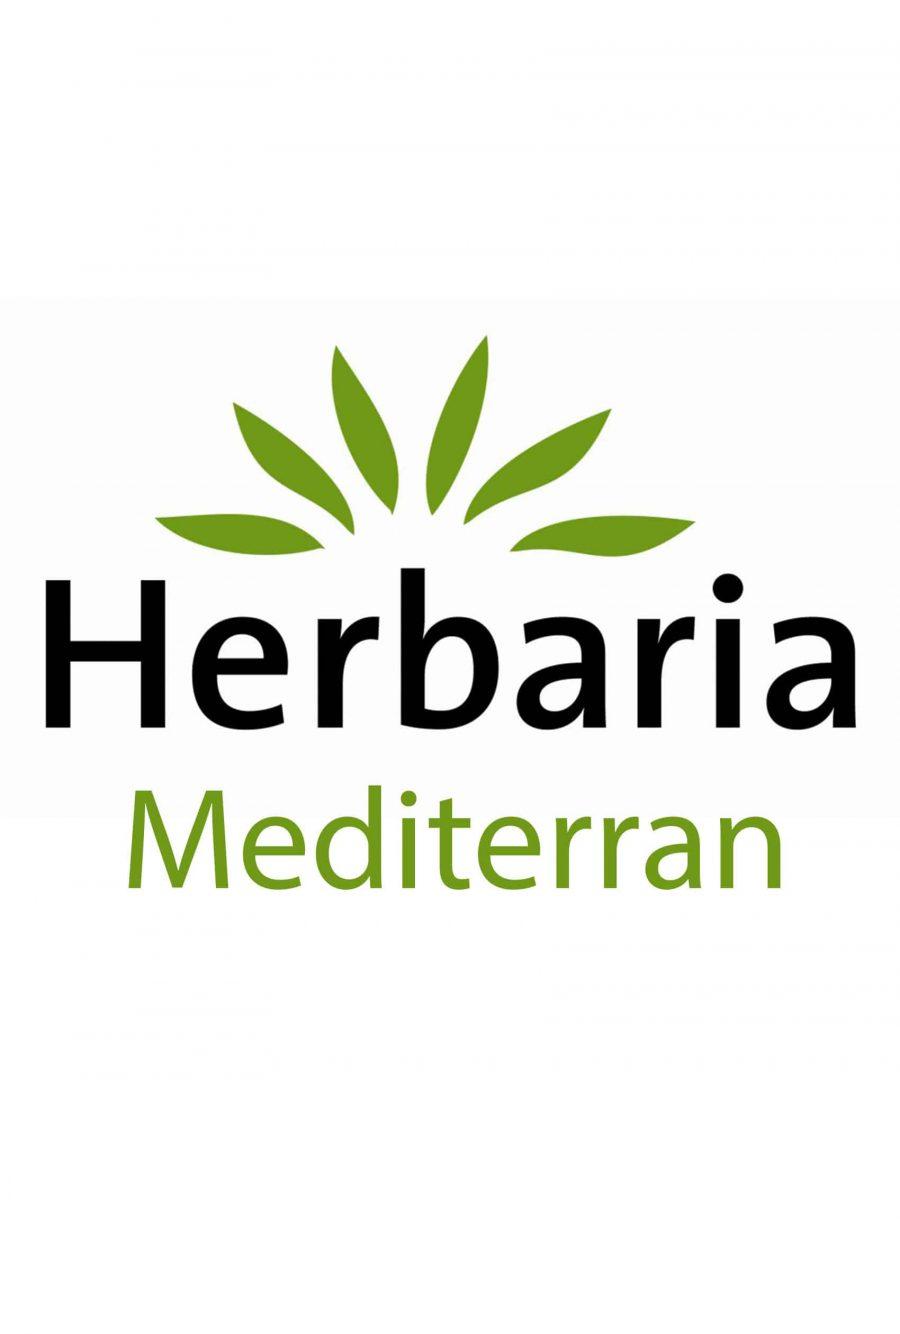 Produktbilderpaket - Mediterran